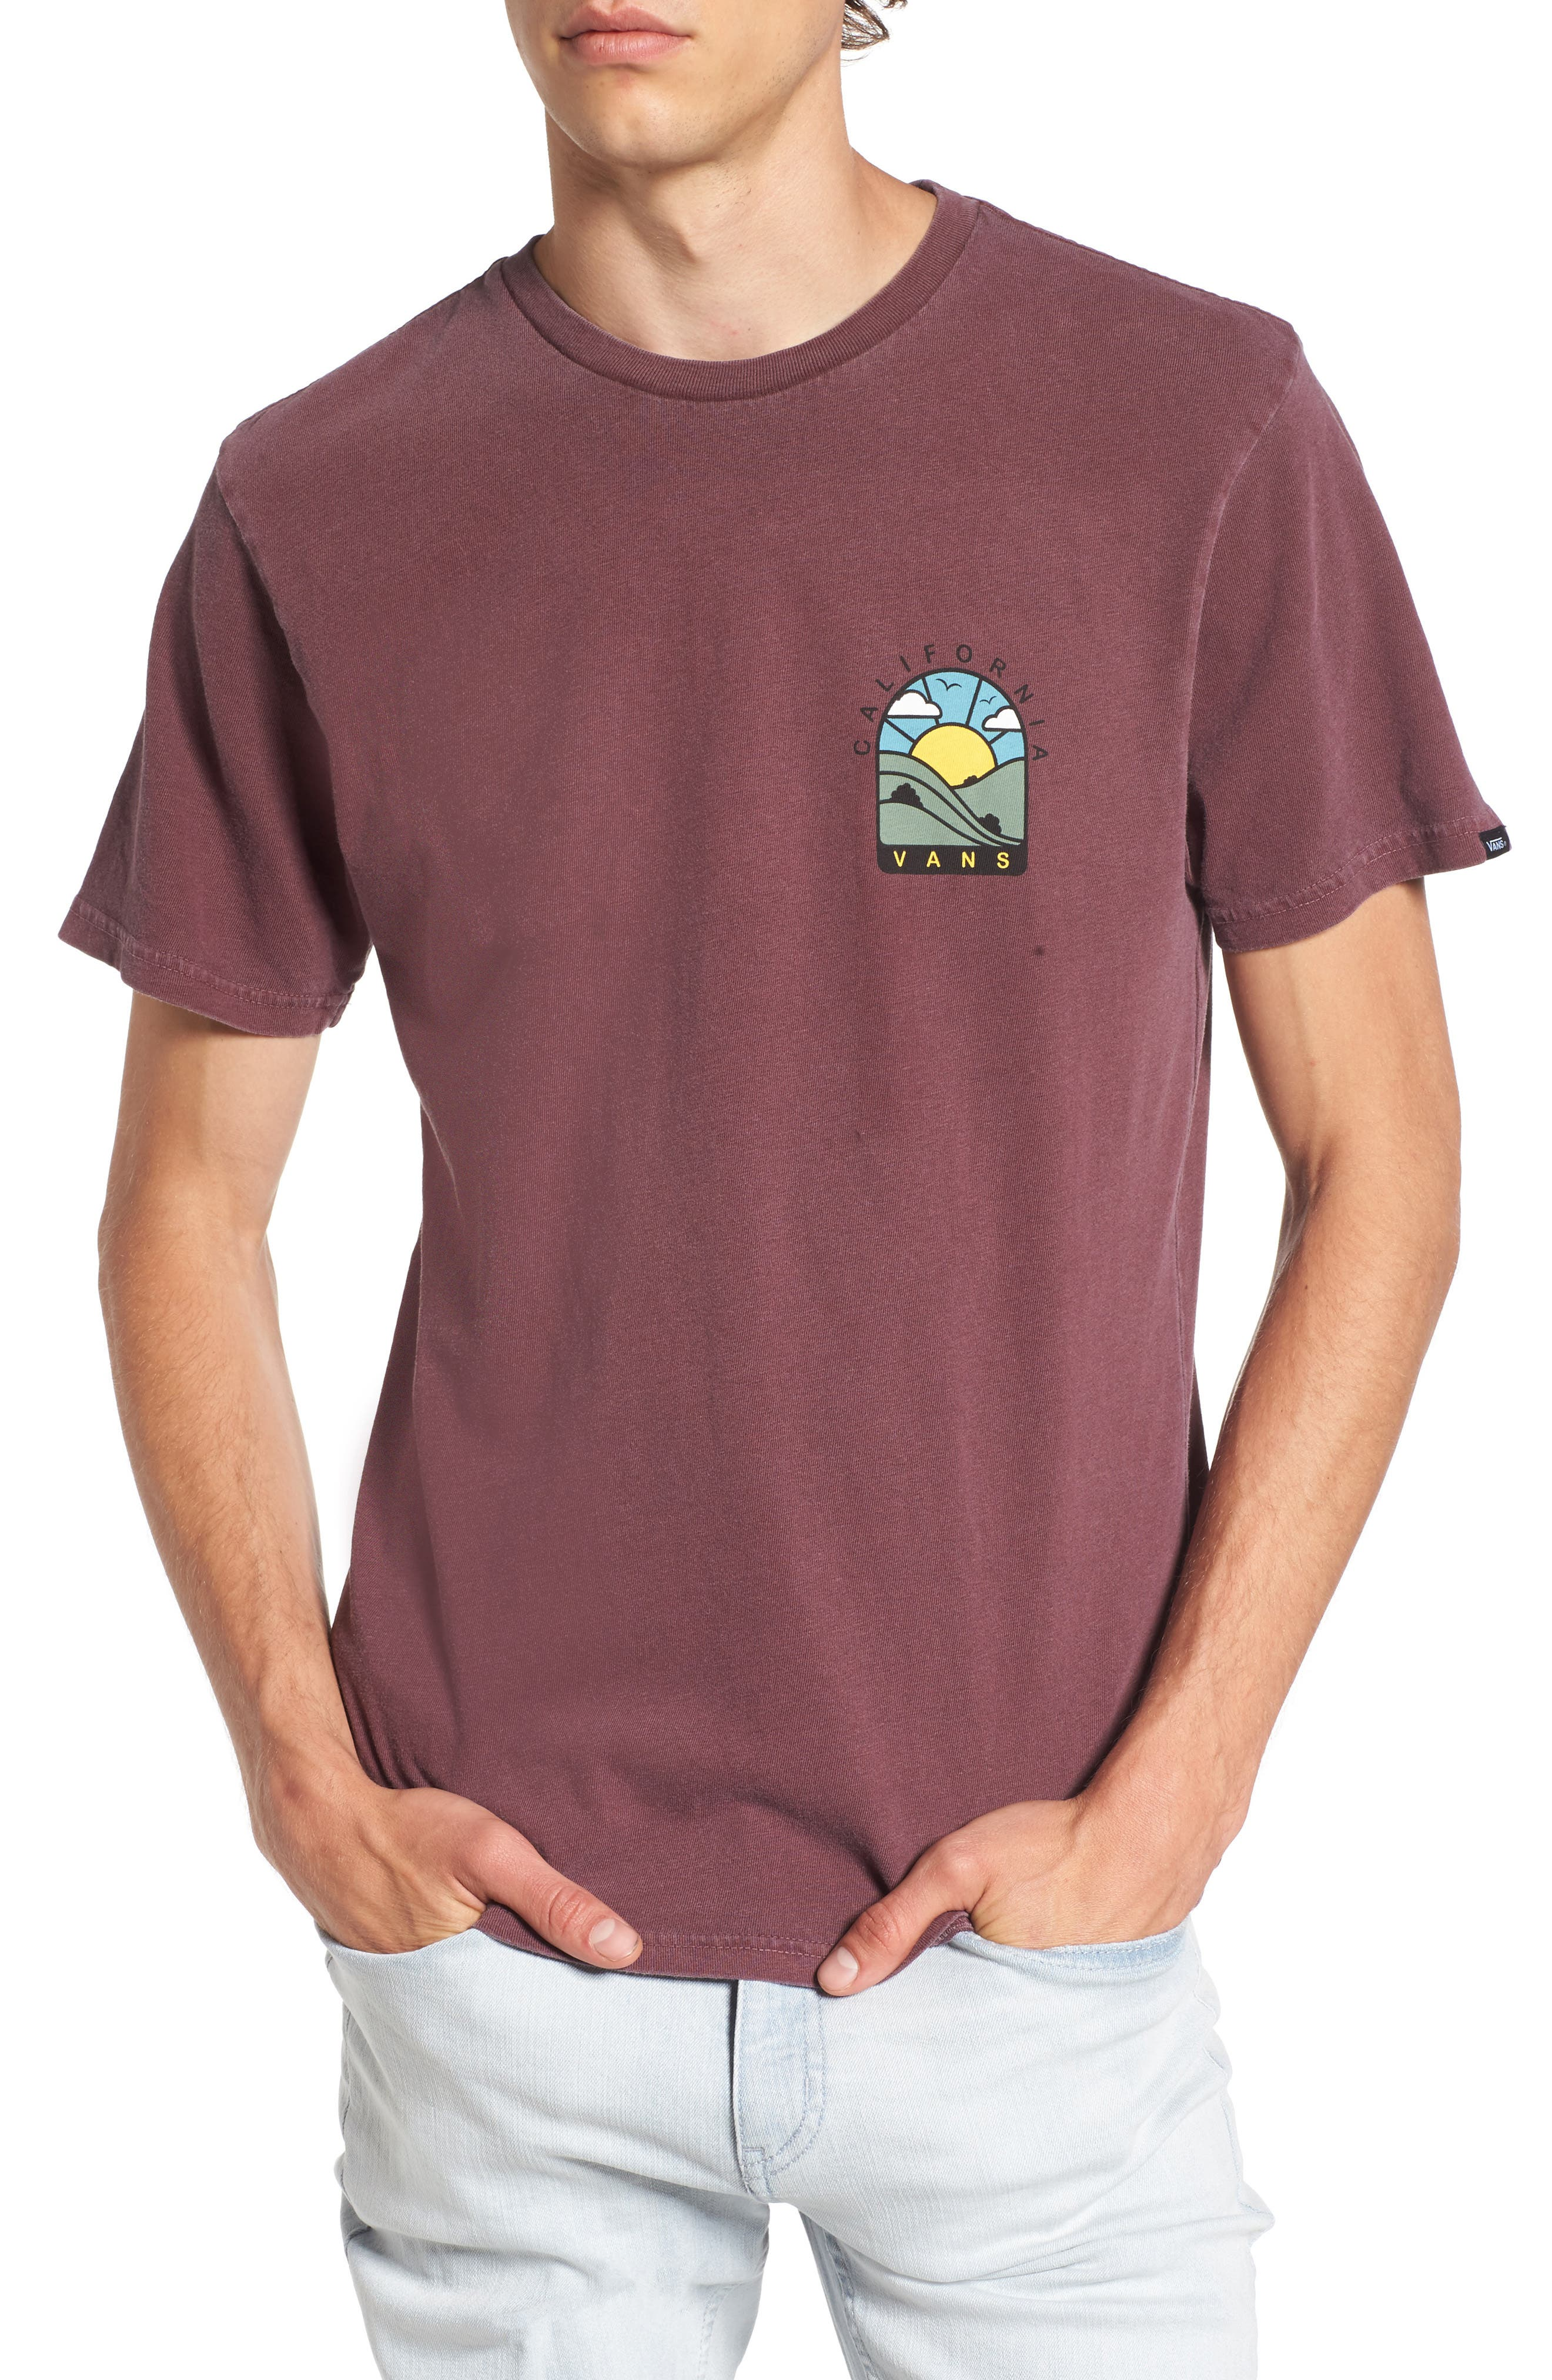 VANS Cali Hills Graphic T-Shirt